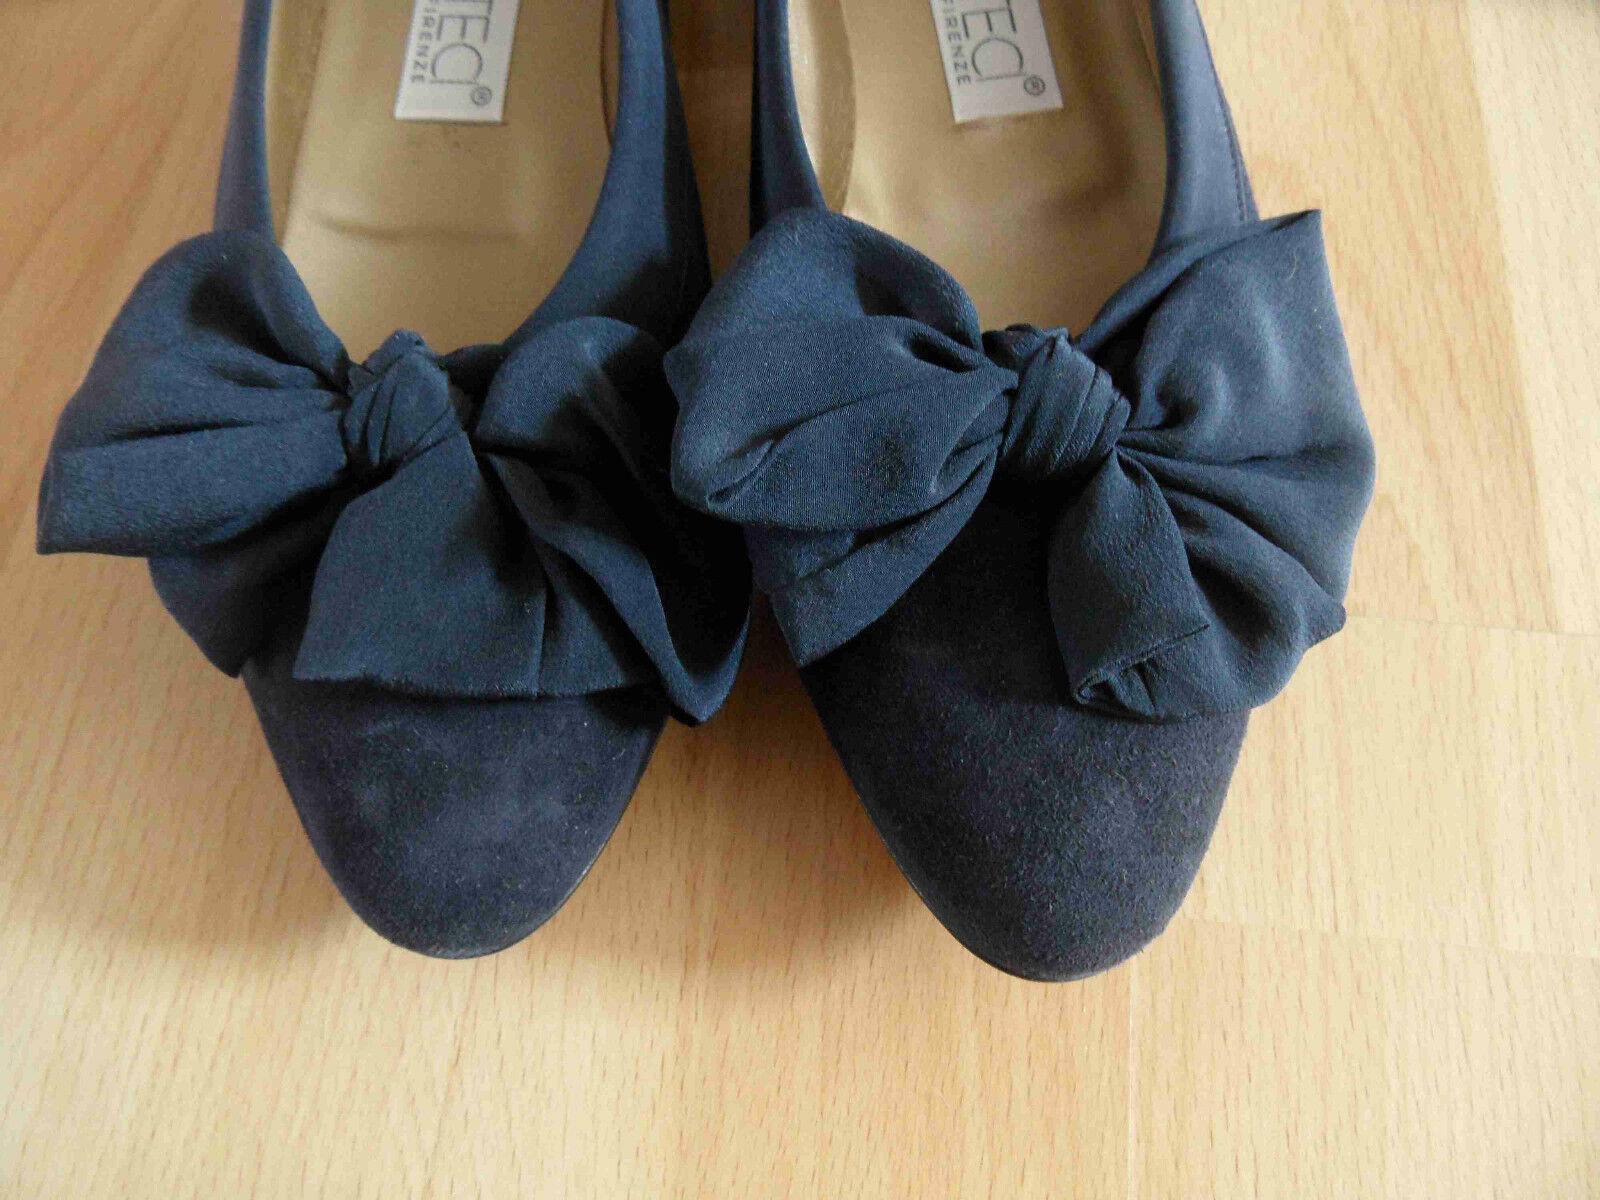 MAURO blau TECI hochwertige Nubuk BallerinasTextilschleife blau MAURO Gr. 39 NEUw. 0914 ef7a23